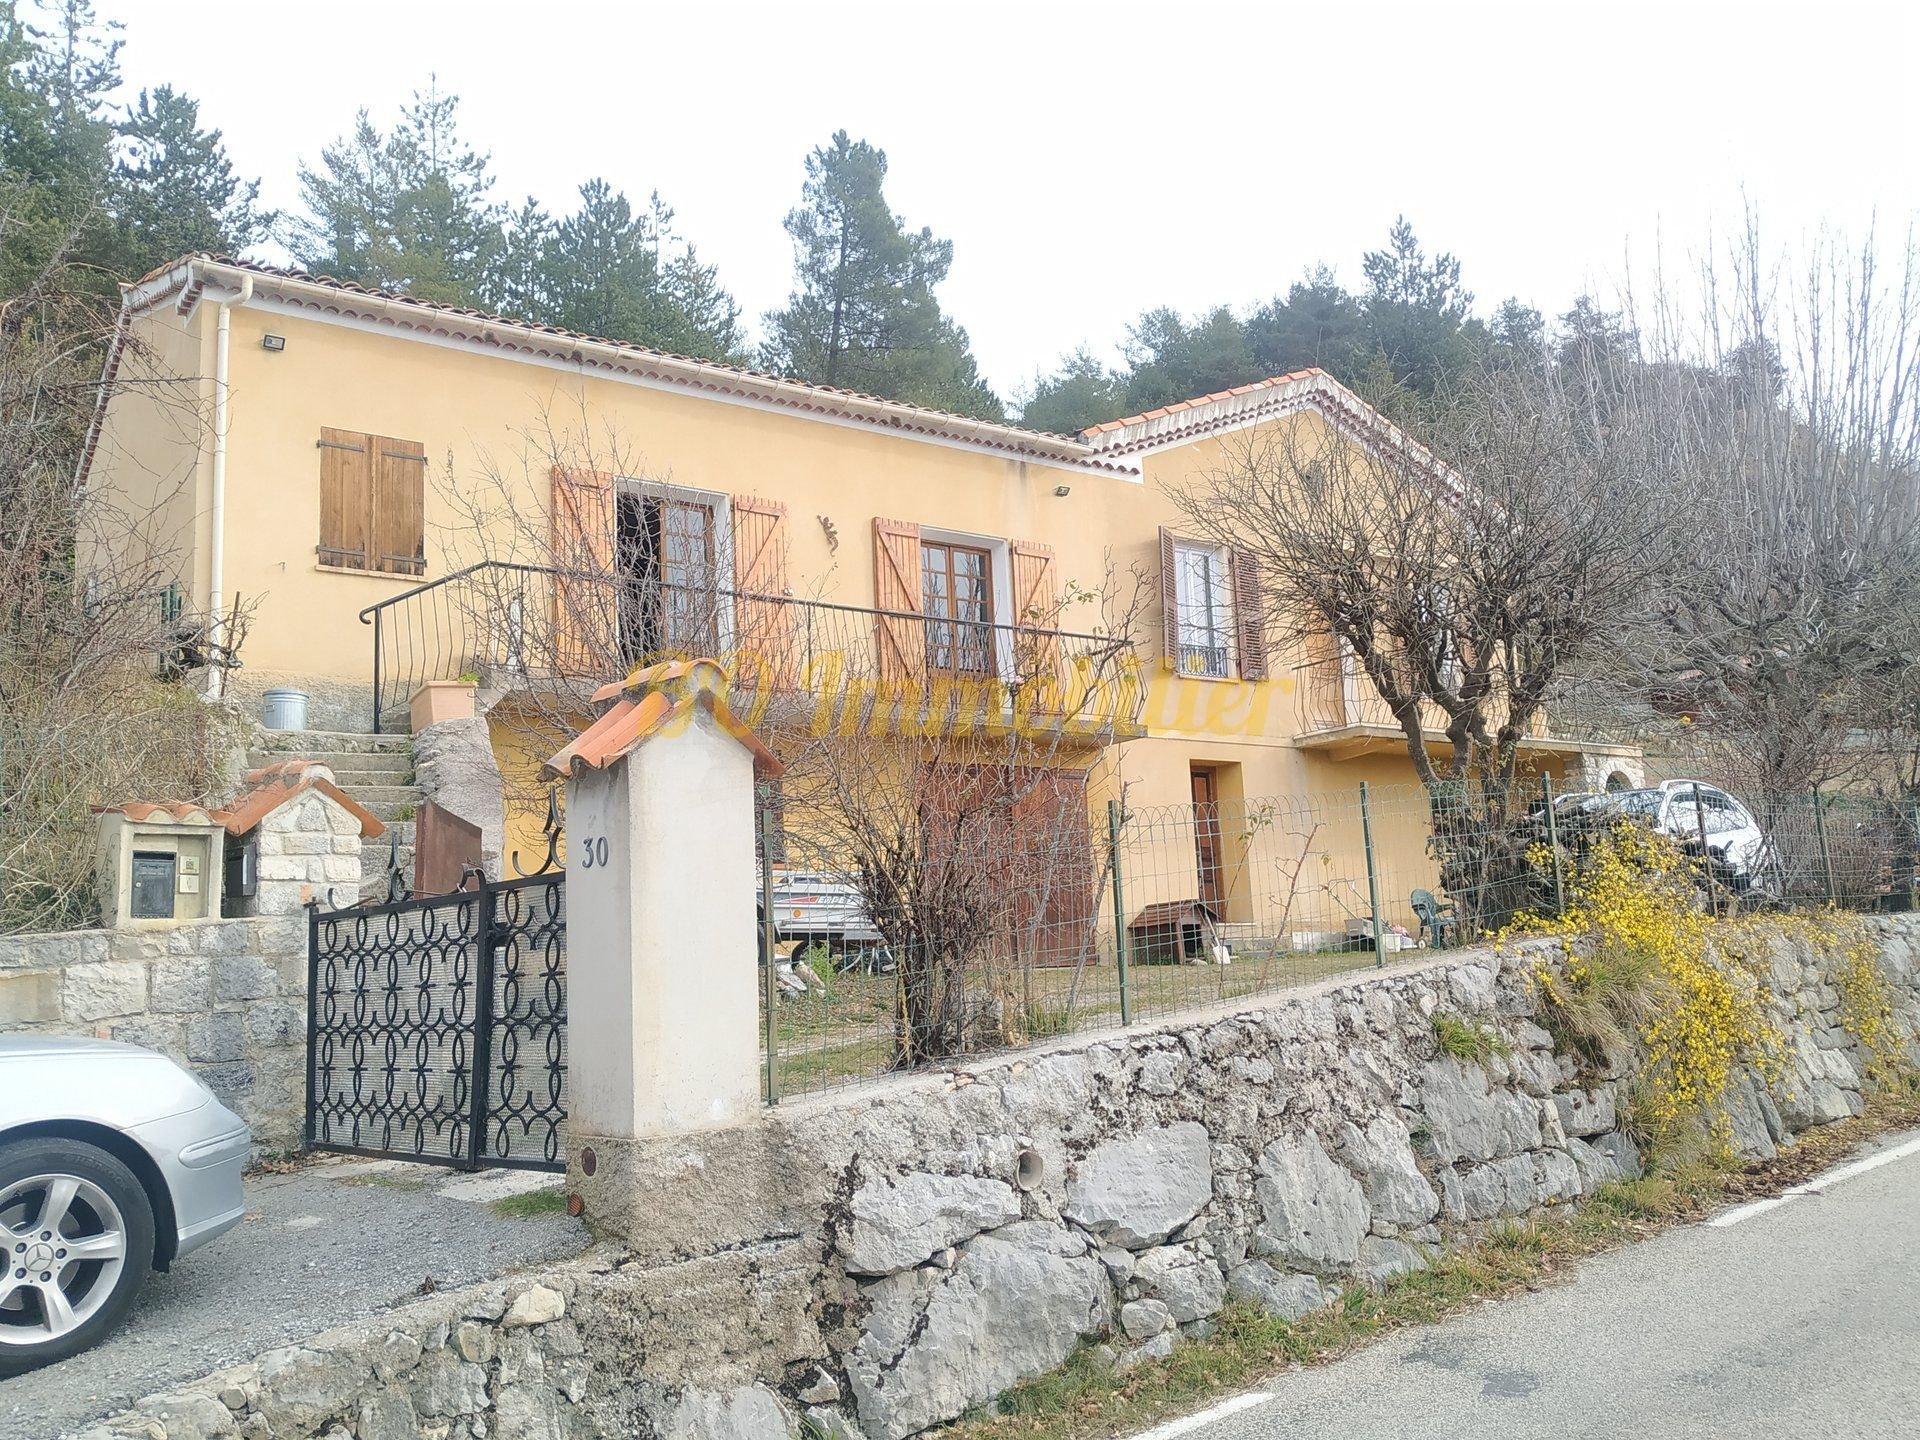 Magnifique maison 5p de 128m² + garage + terrain de 26000m² + chalet indépendant